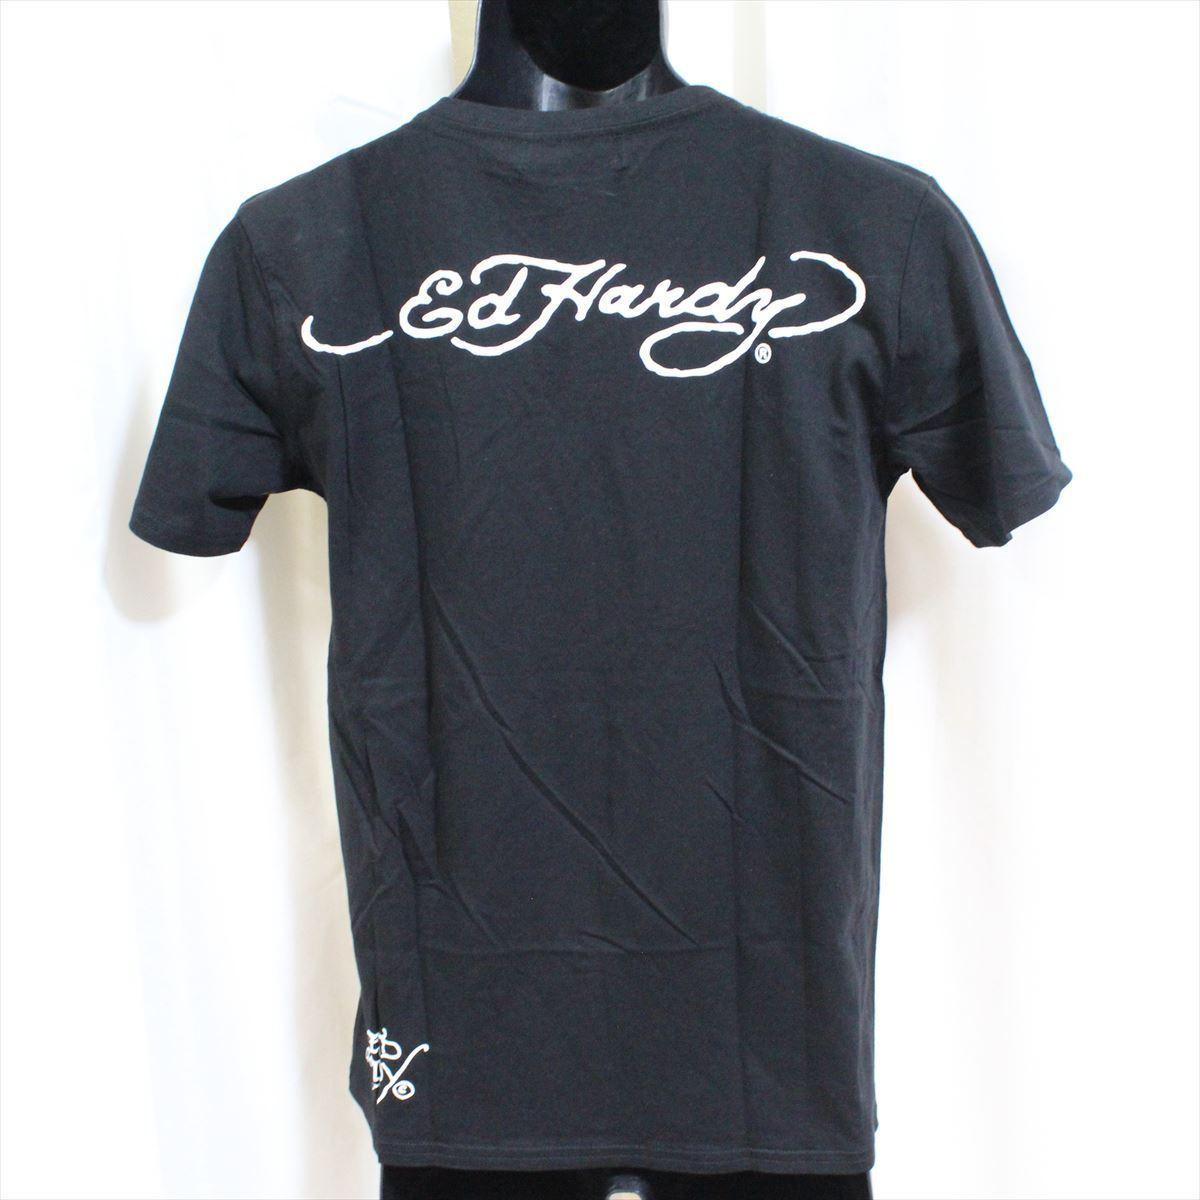 エドハーディー ED HARDY メンズ半袖Tシャツ M02CMV028 ブラック Lサイズ 新品 ドン・エド・ハーディー_画像4